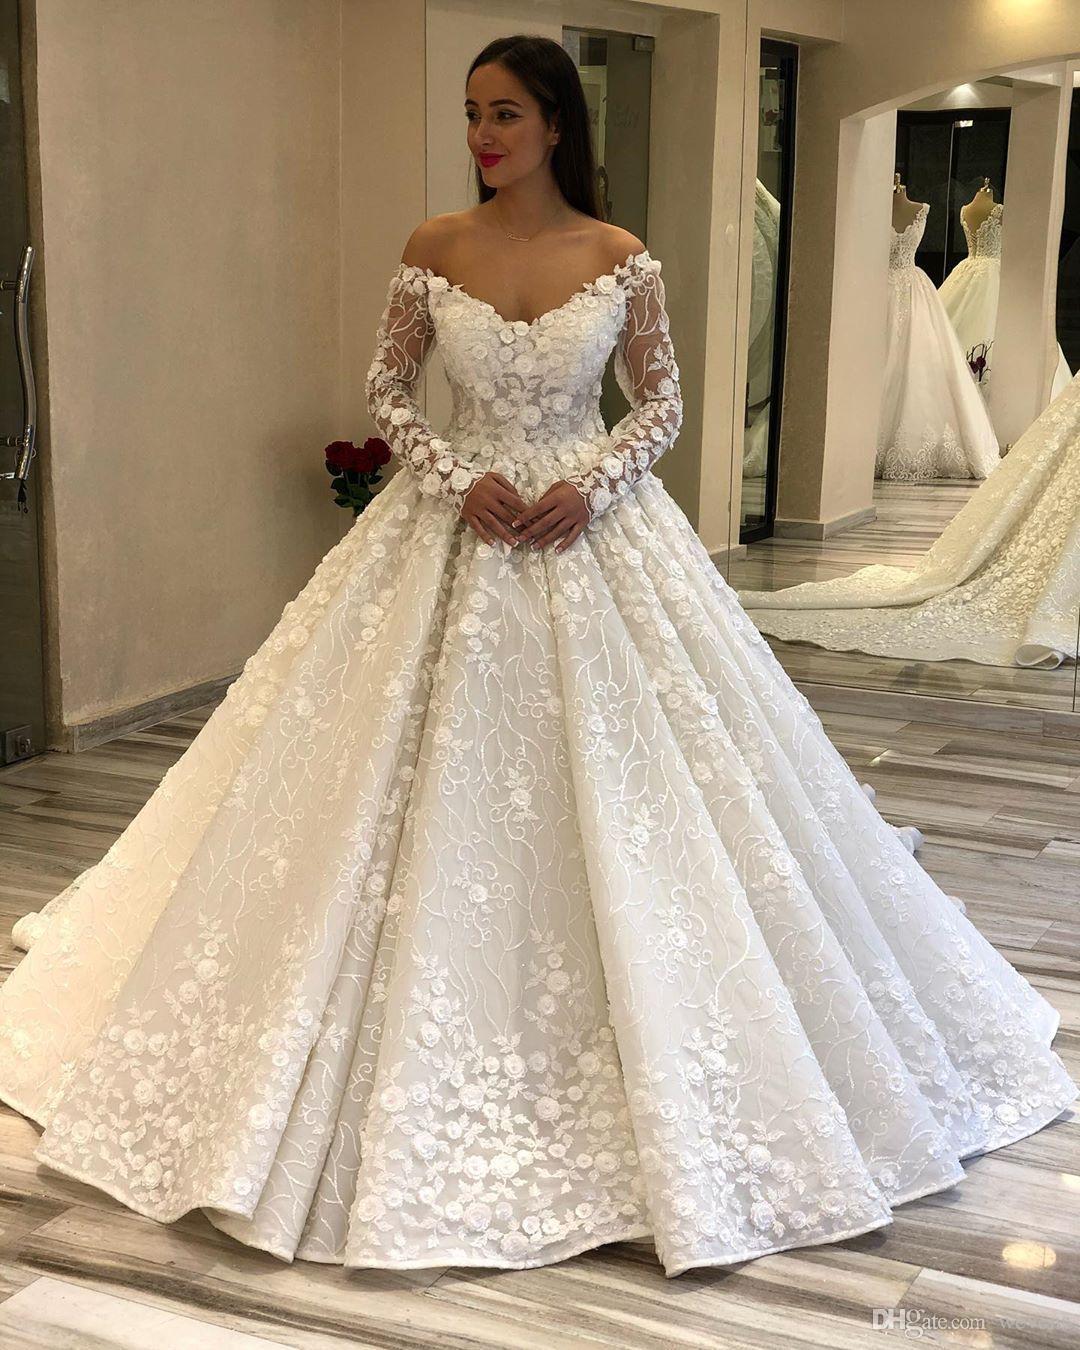 Élégant de l'épaule à manches longues robes de mariée 3D fleurs Robes de mariée drapée appliques satin chapelle robe de mariée